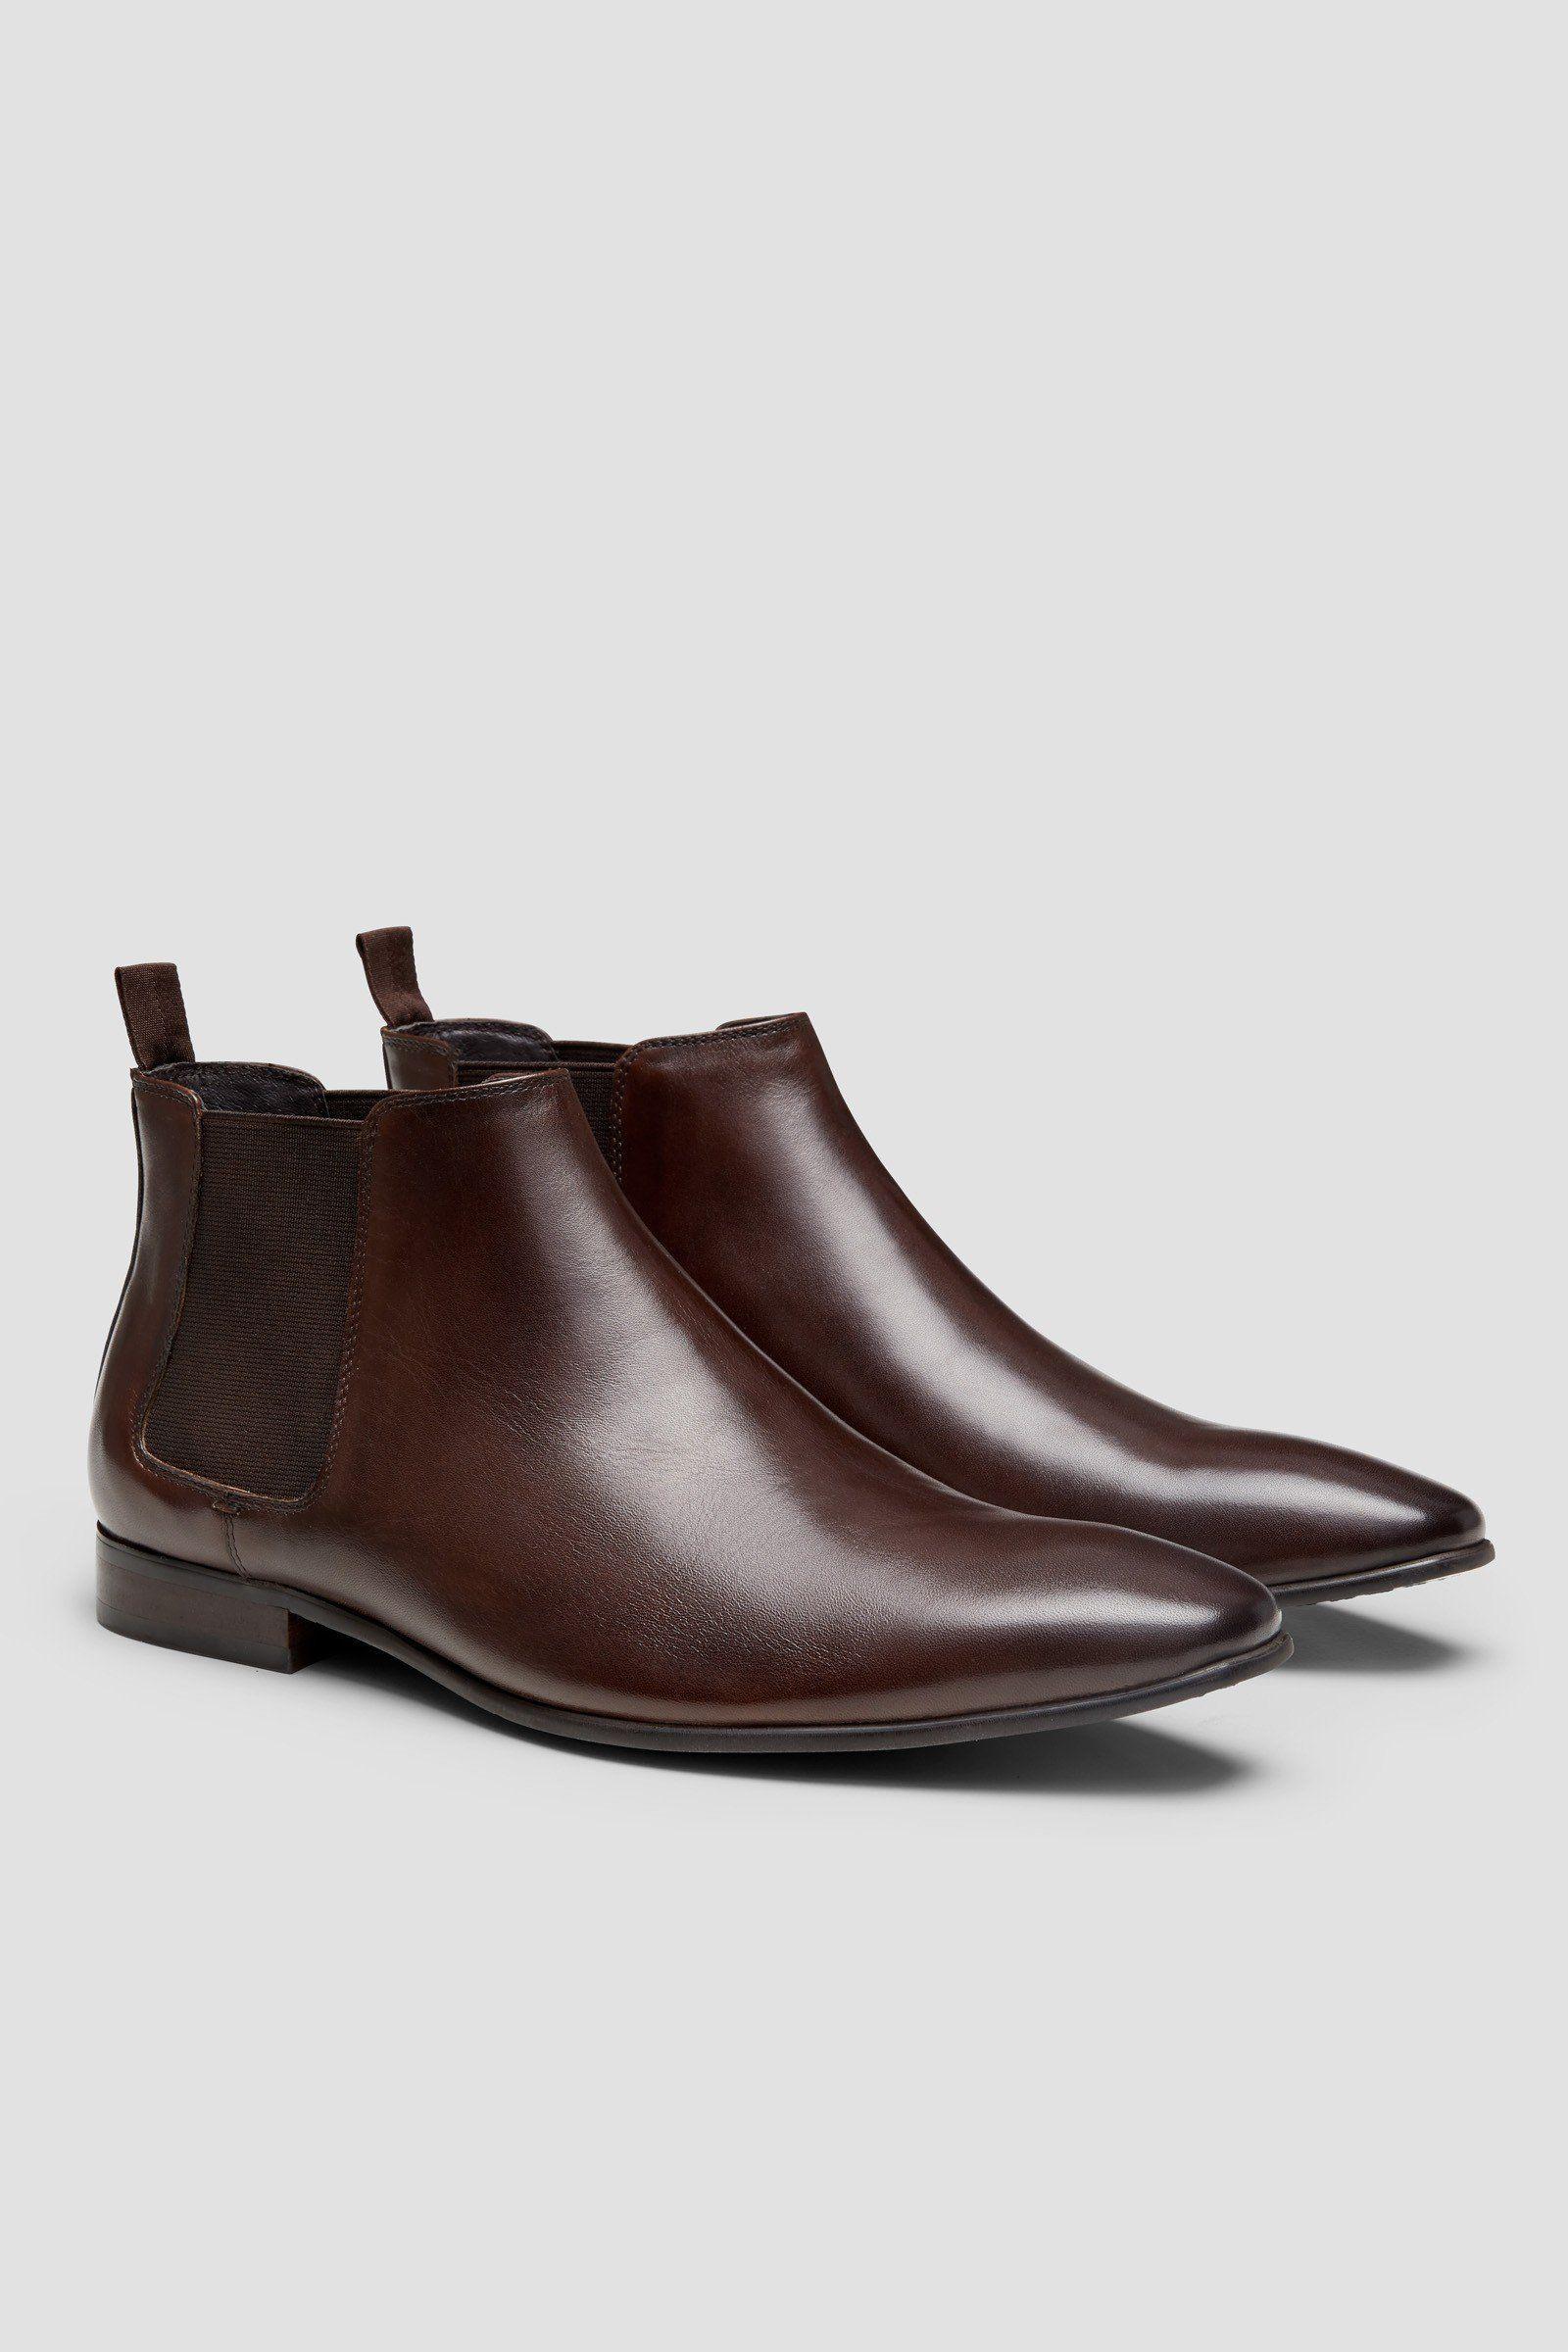 Walker Brown - New Arrivals | Aquila | Black chelsea boots ...